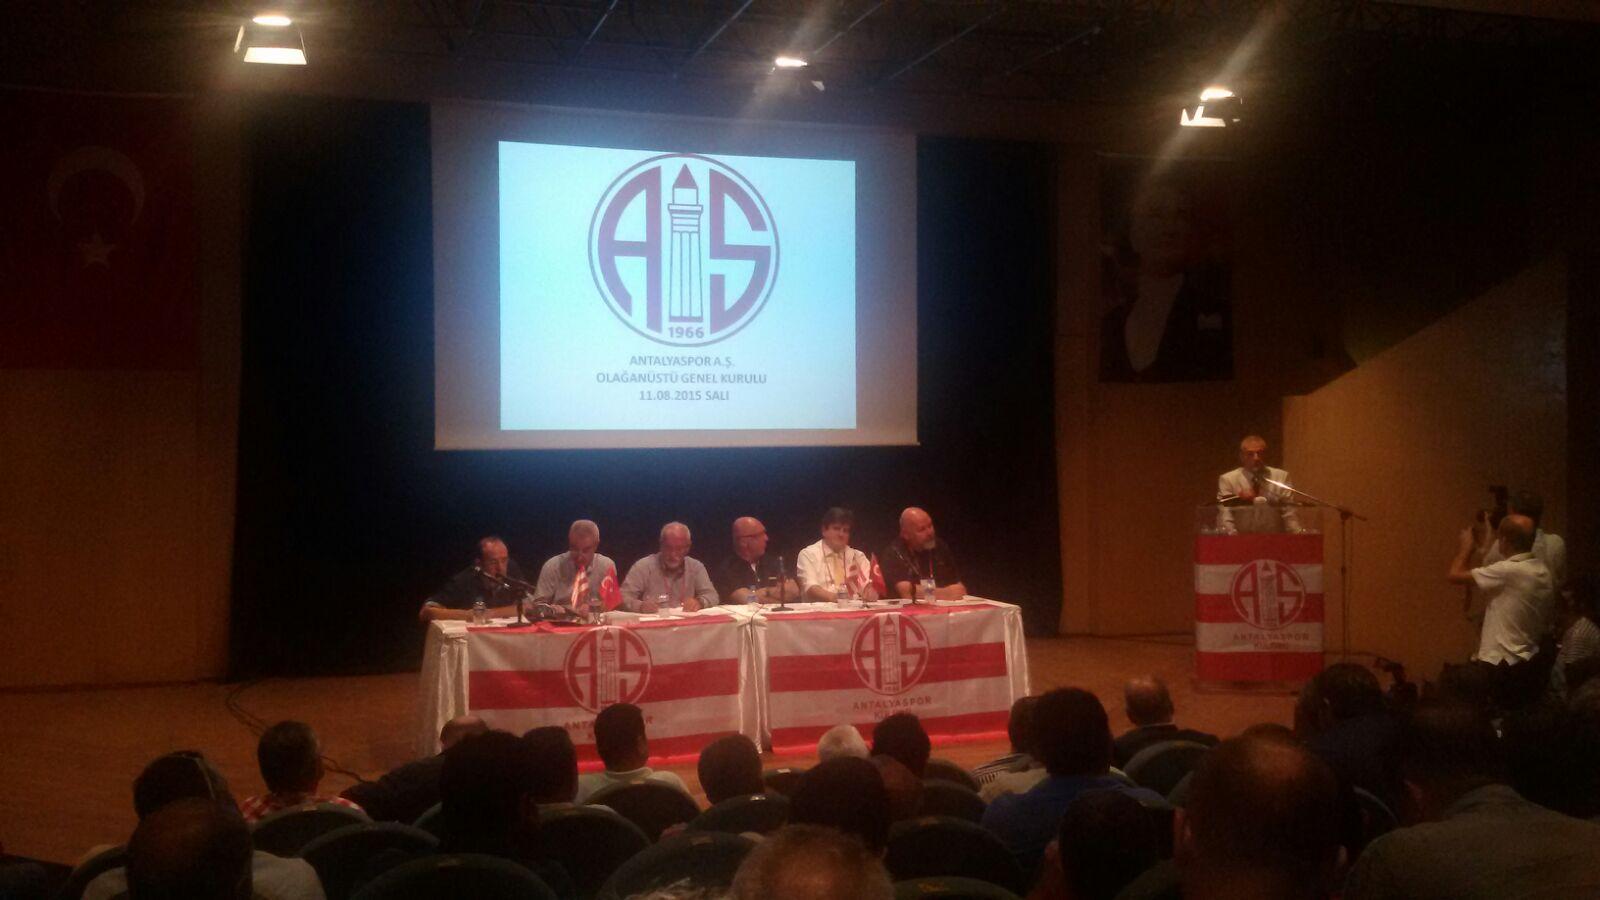 Antalyaspor A.Ş'nin Başkanı Belli Oldu